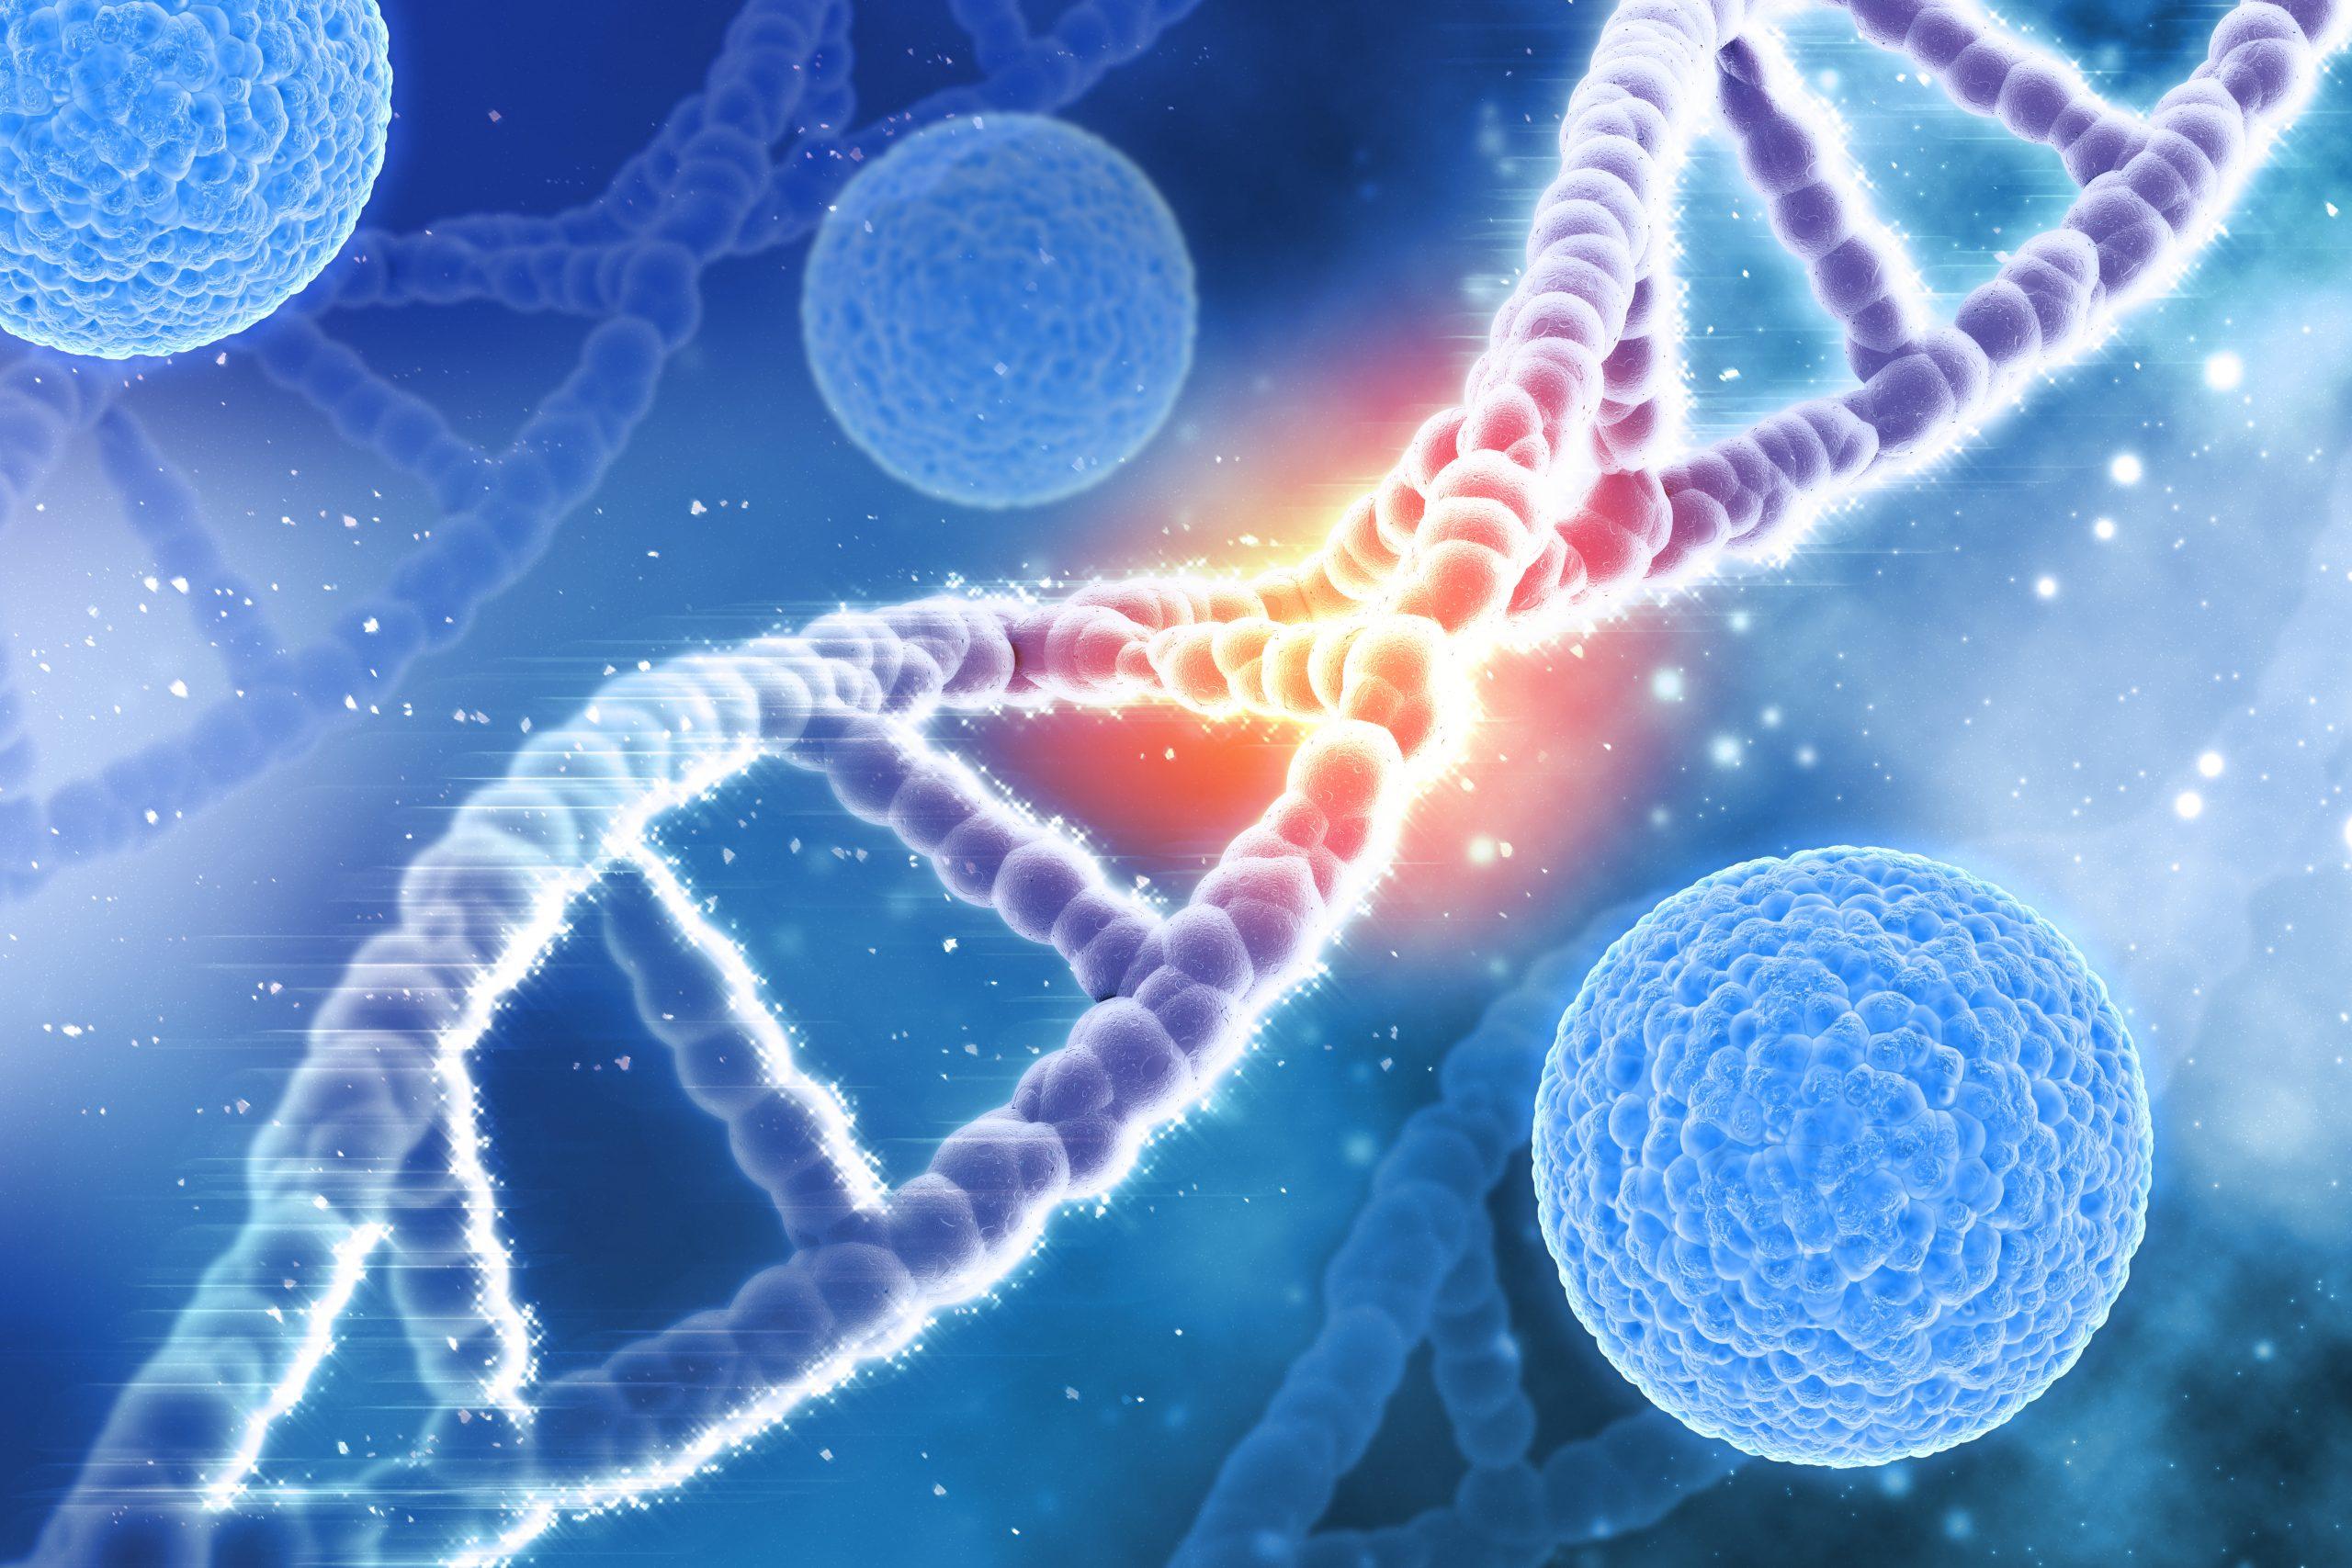 Celule stem mezenchimale - folosite în studii clinice terapeutice pentru tratarea COVID-19